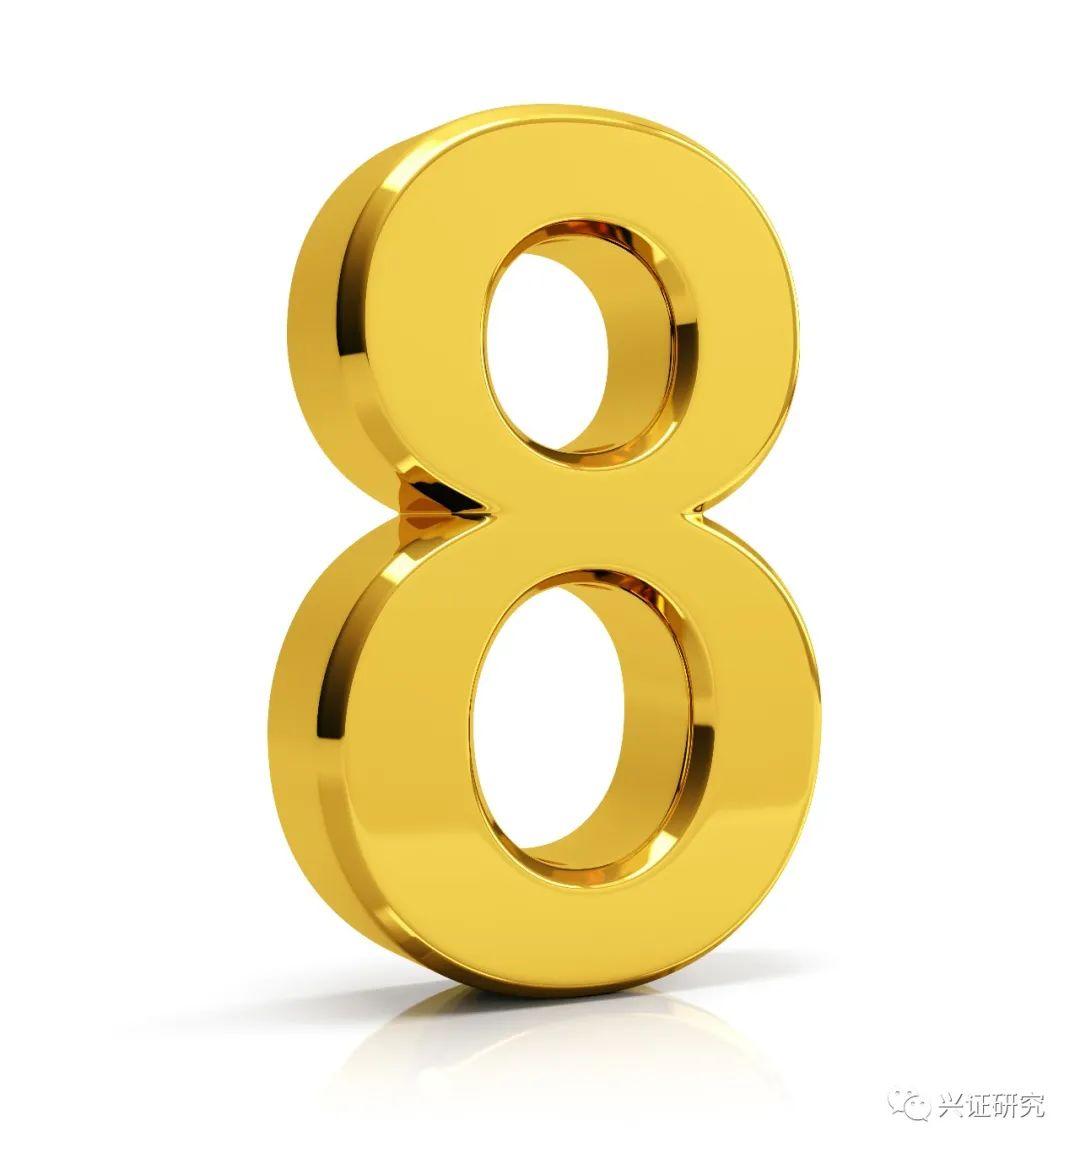 【金工于明明徐寅】水晶球上证50每日预测20210603